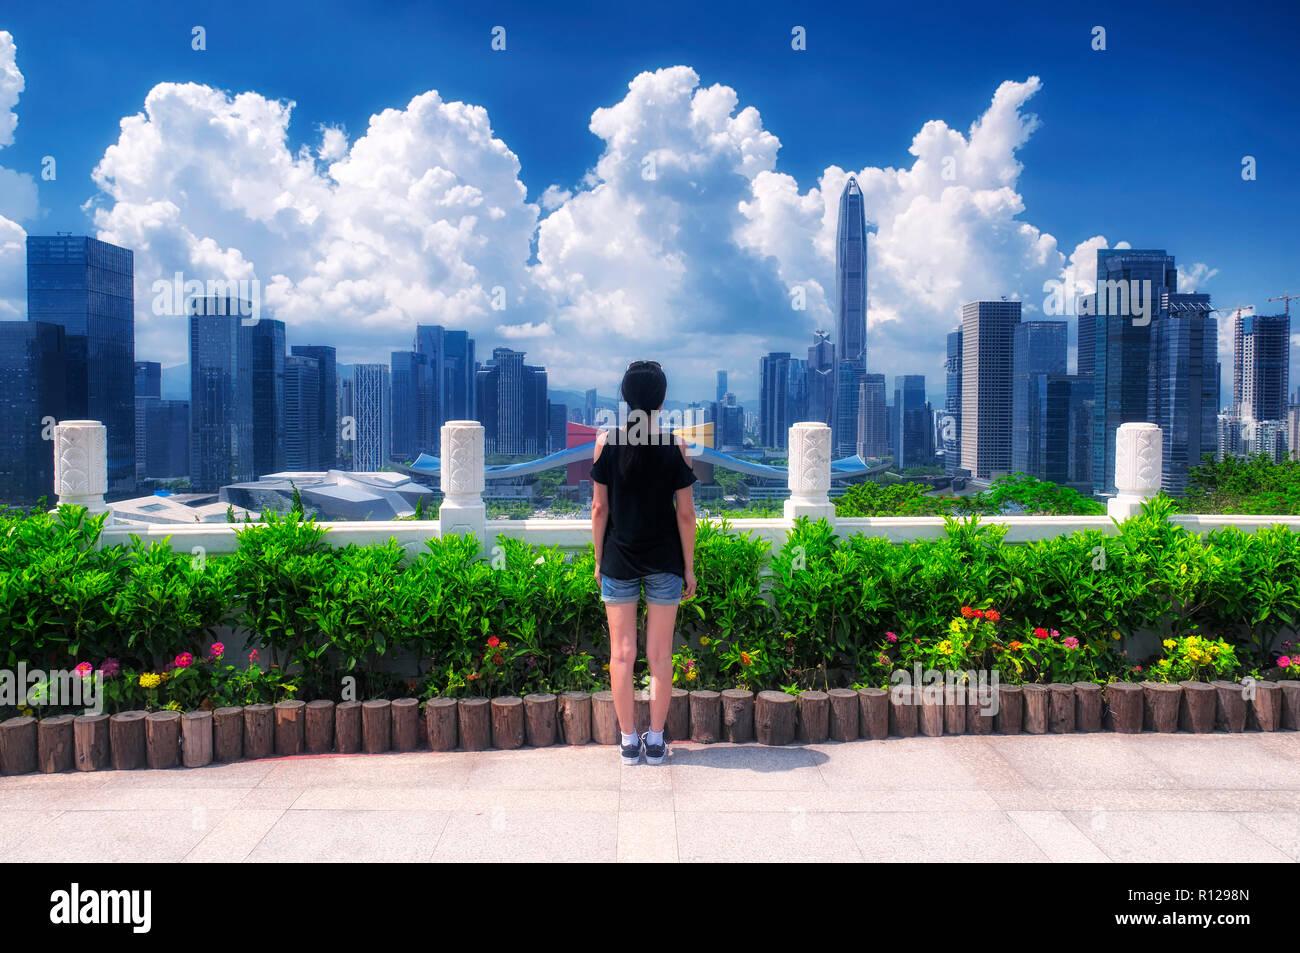 Una mujer china mirando a la ciudad de Shenzhen, China en un día soleado cielo azul. Imagen De Stock